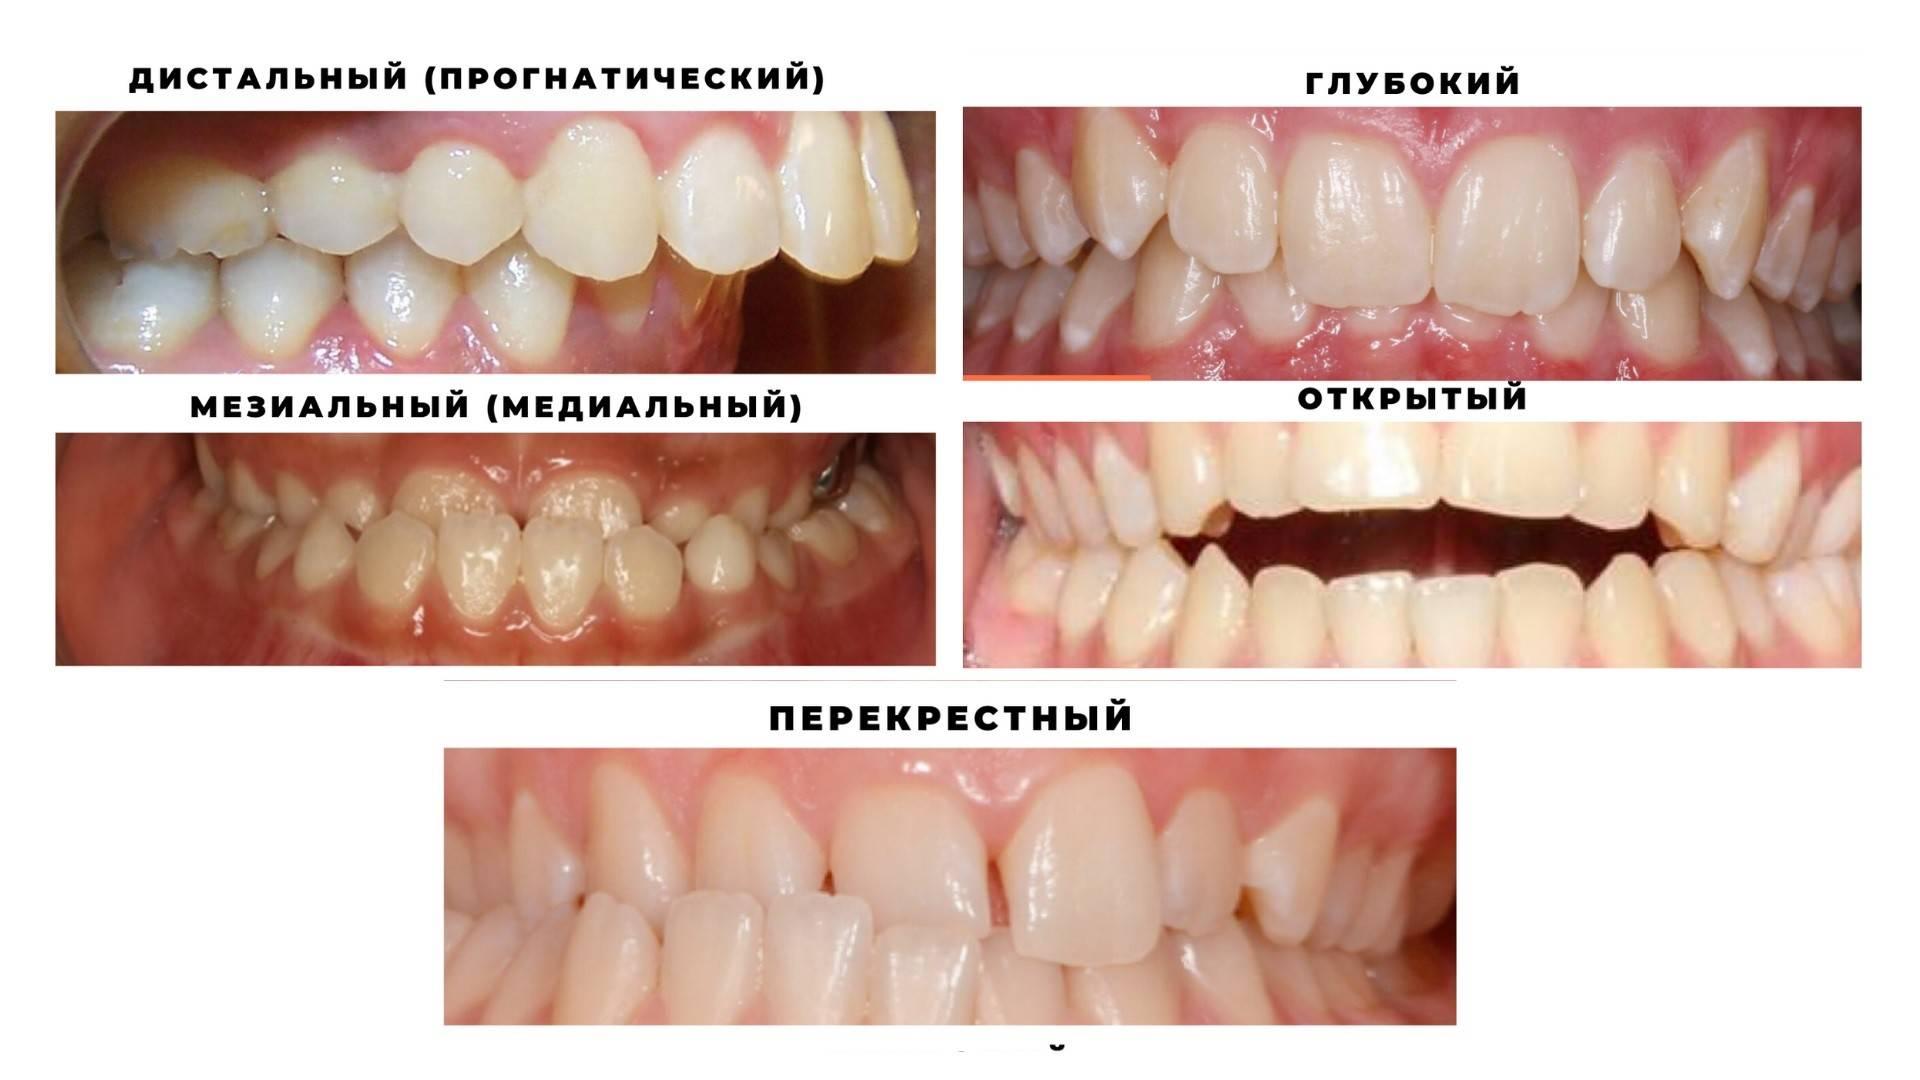 Аномалии размеров и формы зубов микродентия и макродентия